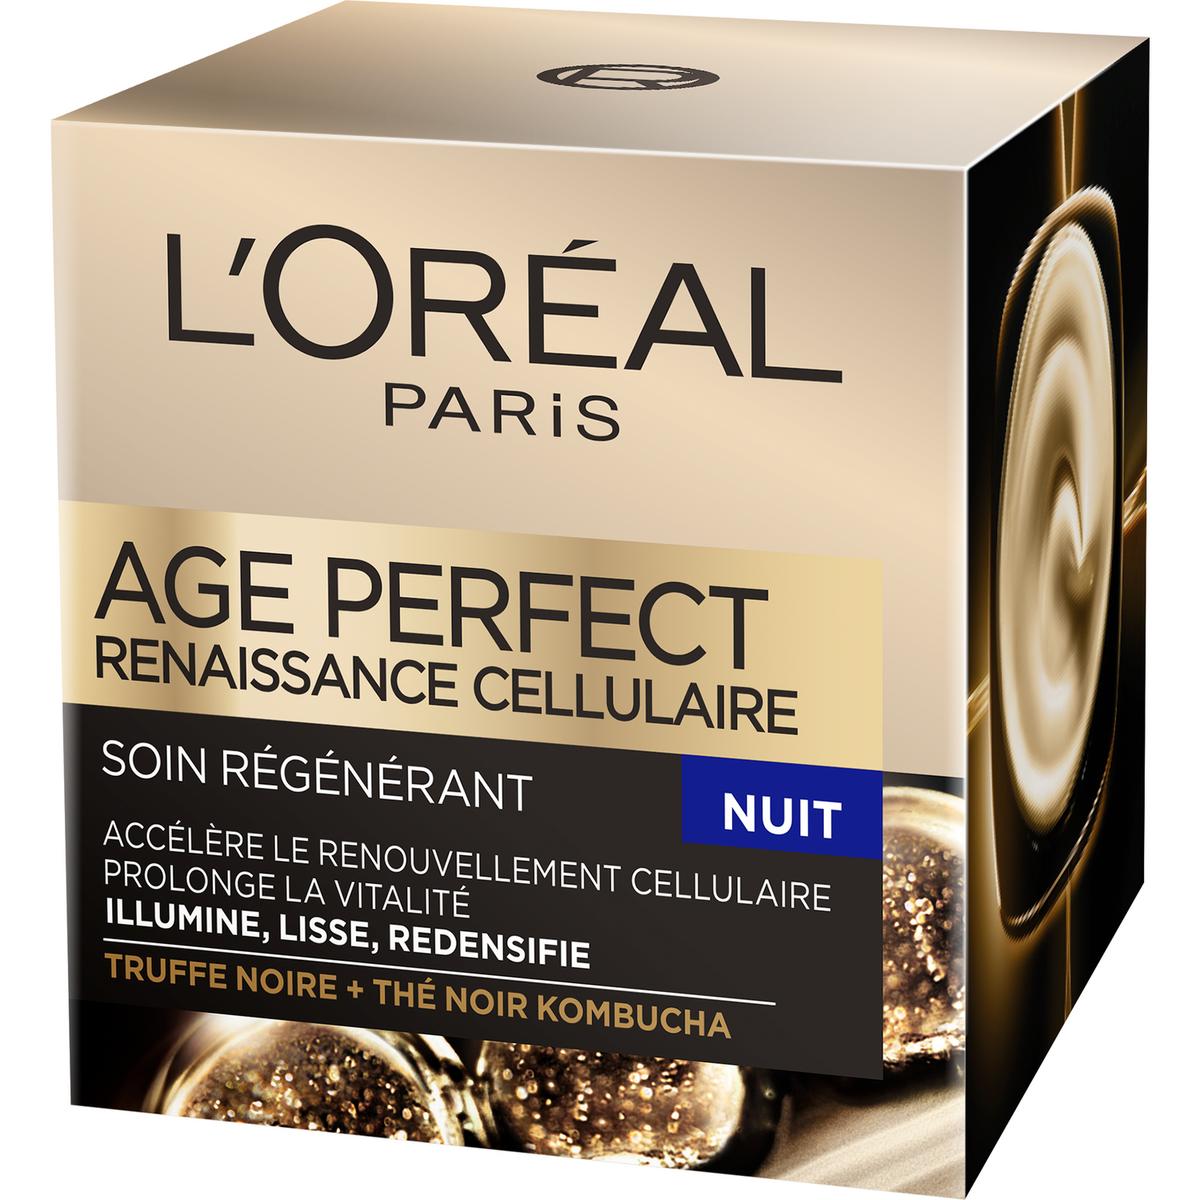 L'Oréal Age Perfect crème de nuit renaissance cellulaire 50ml